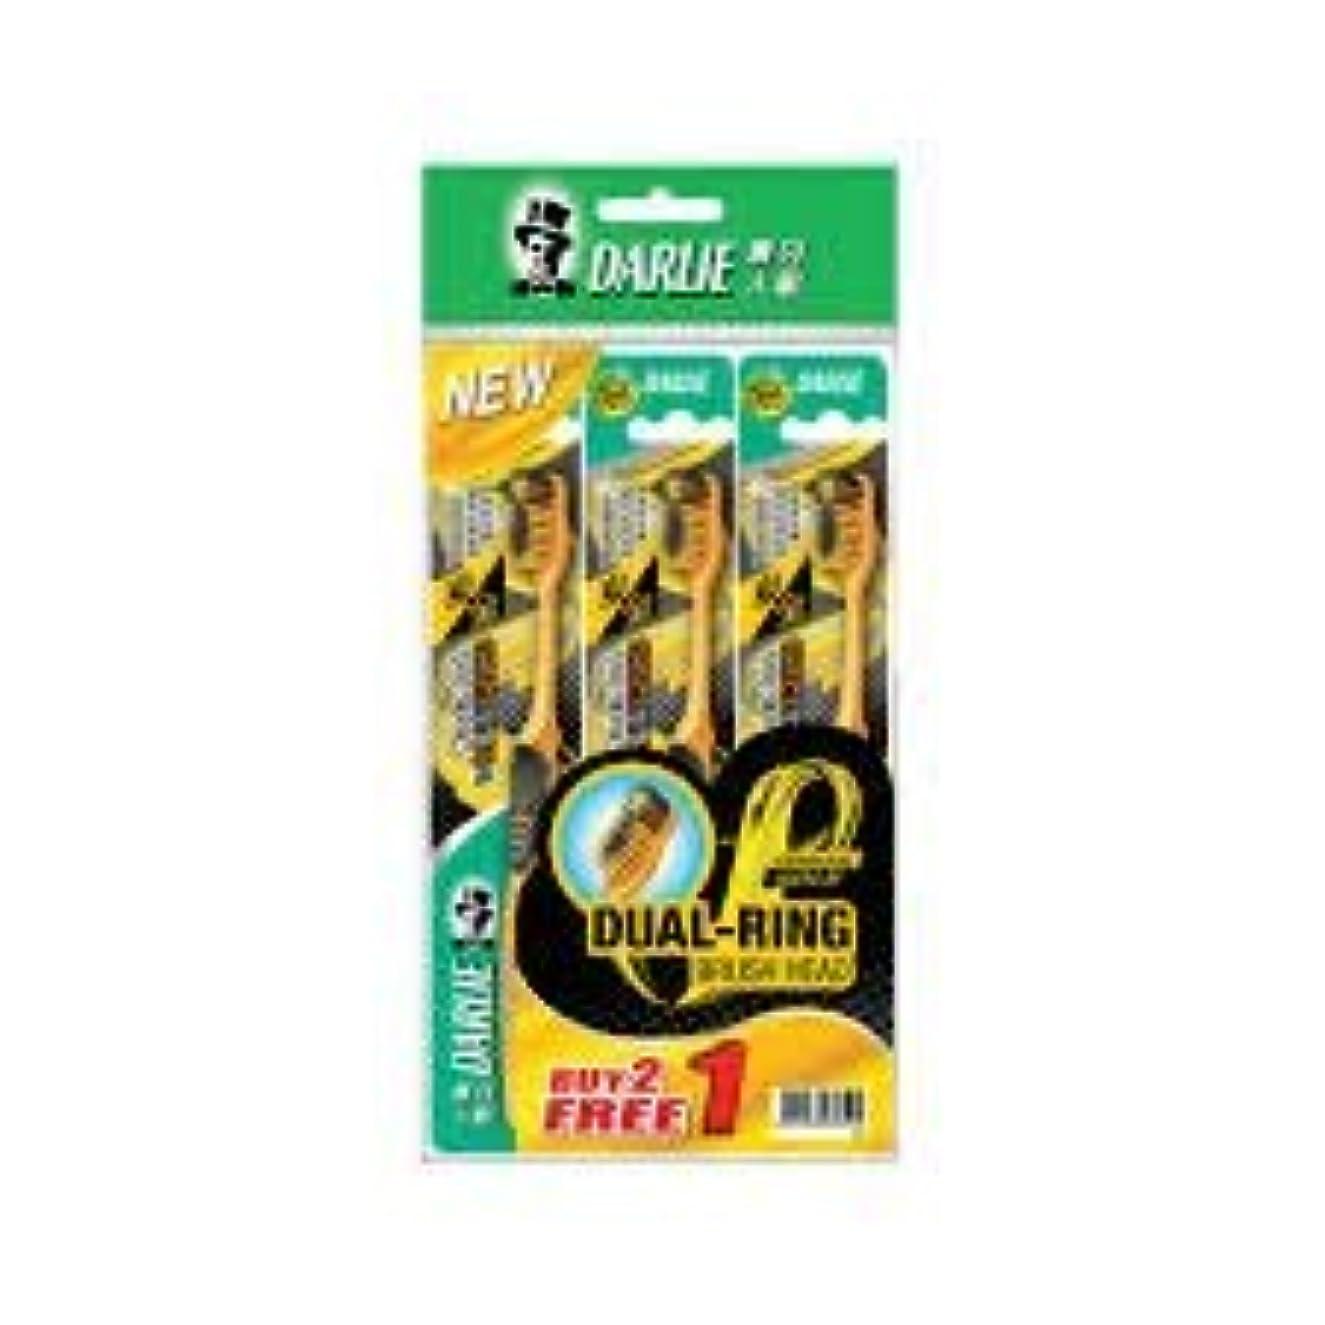 フクロウ顕著副産物DARLIE 炭の歯ブラシb2f1 - ビス - ヘッドデザイン、深いクリーニングとプラークの蓄積を防止する押えリング